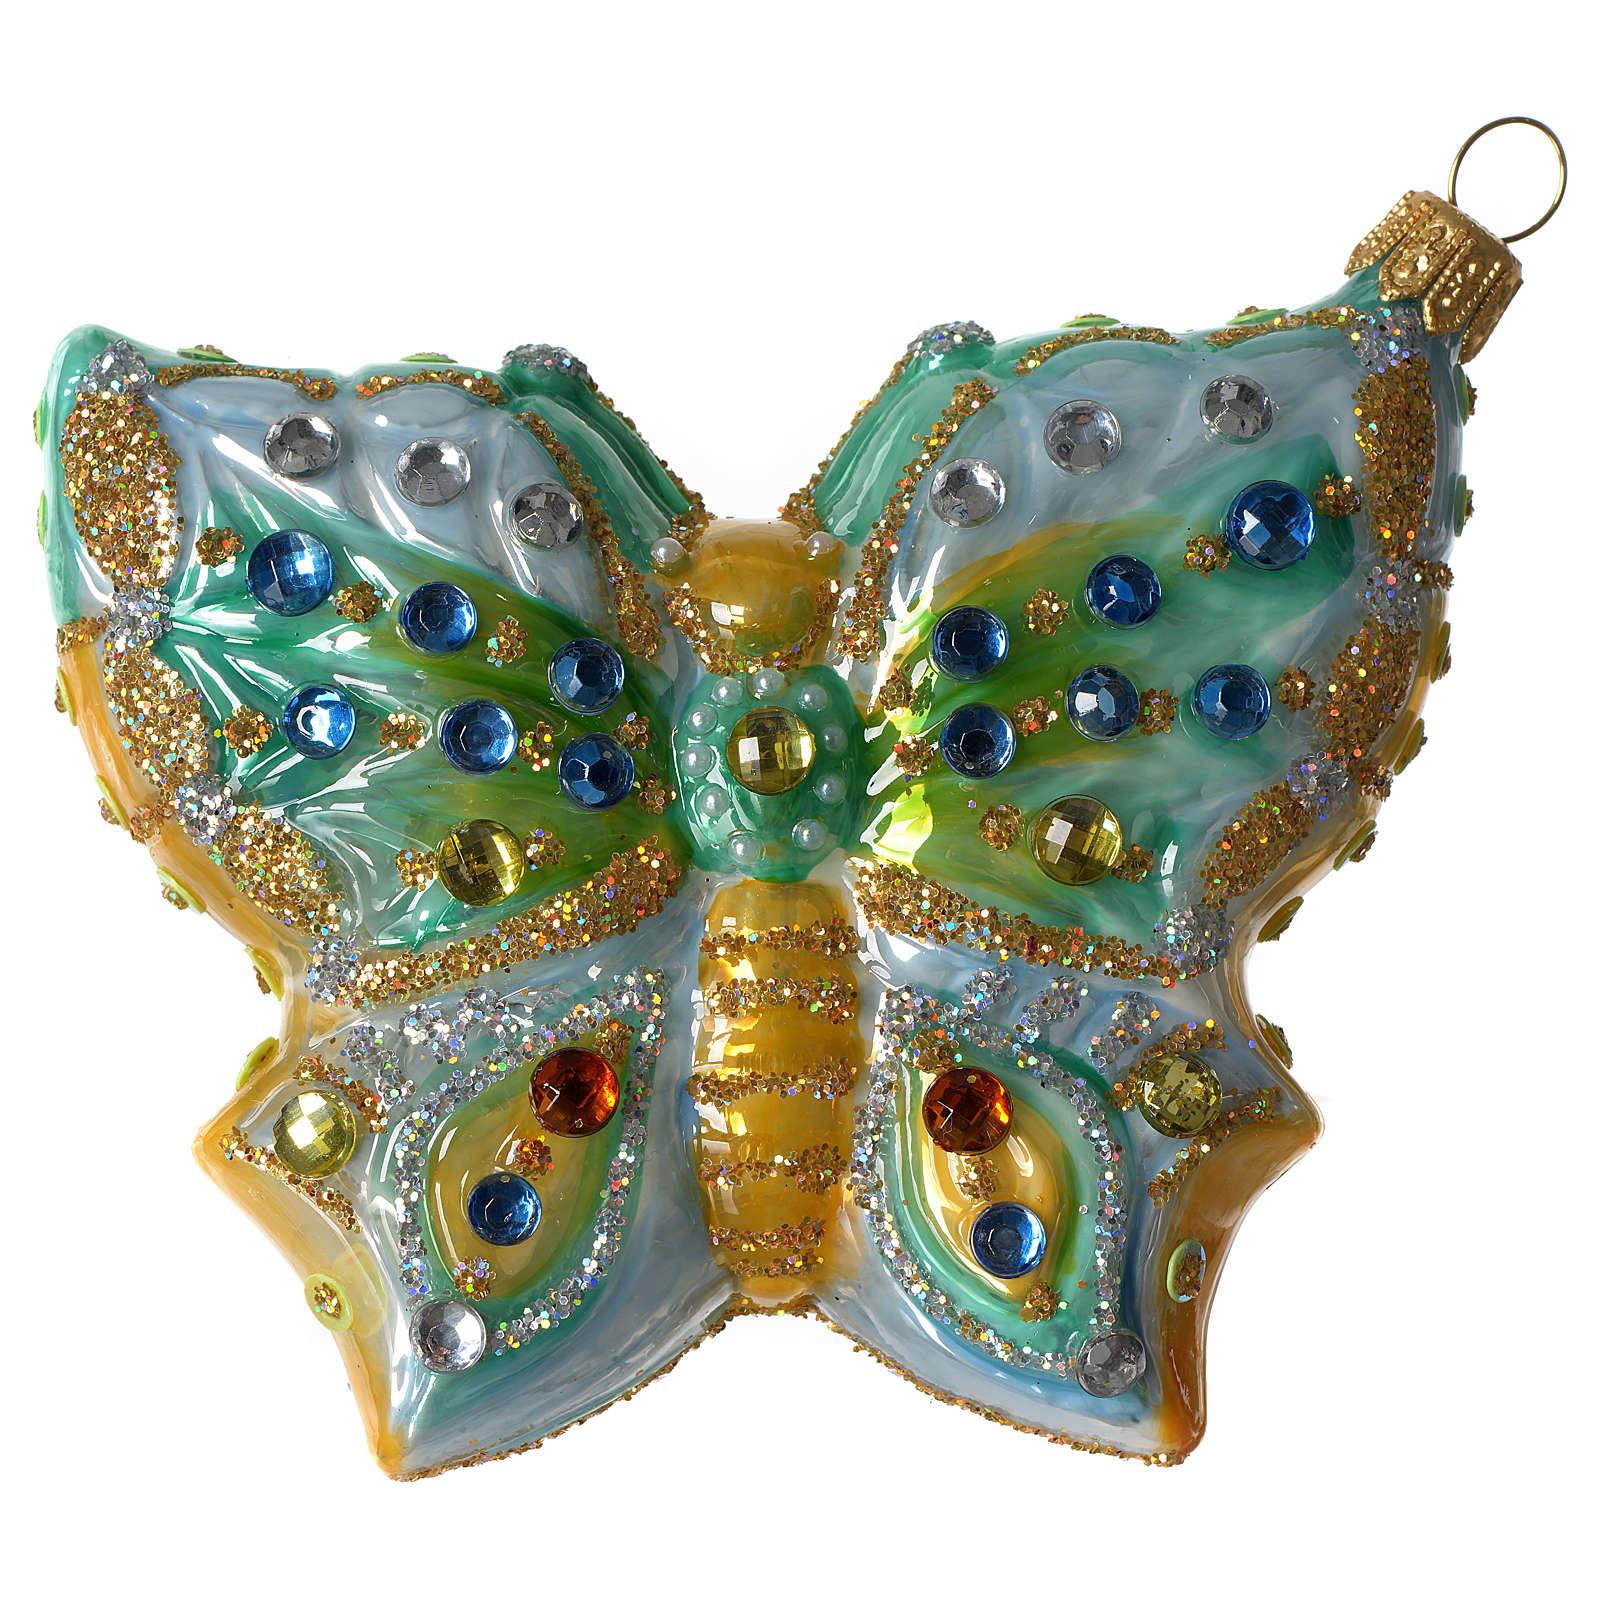 Farfalla addobbo vetro soffiato Albero Natale 4